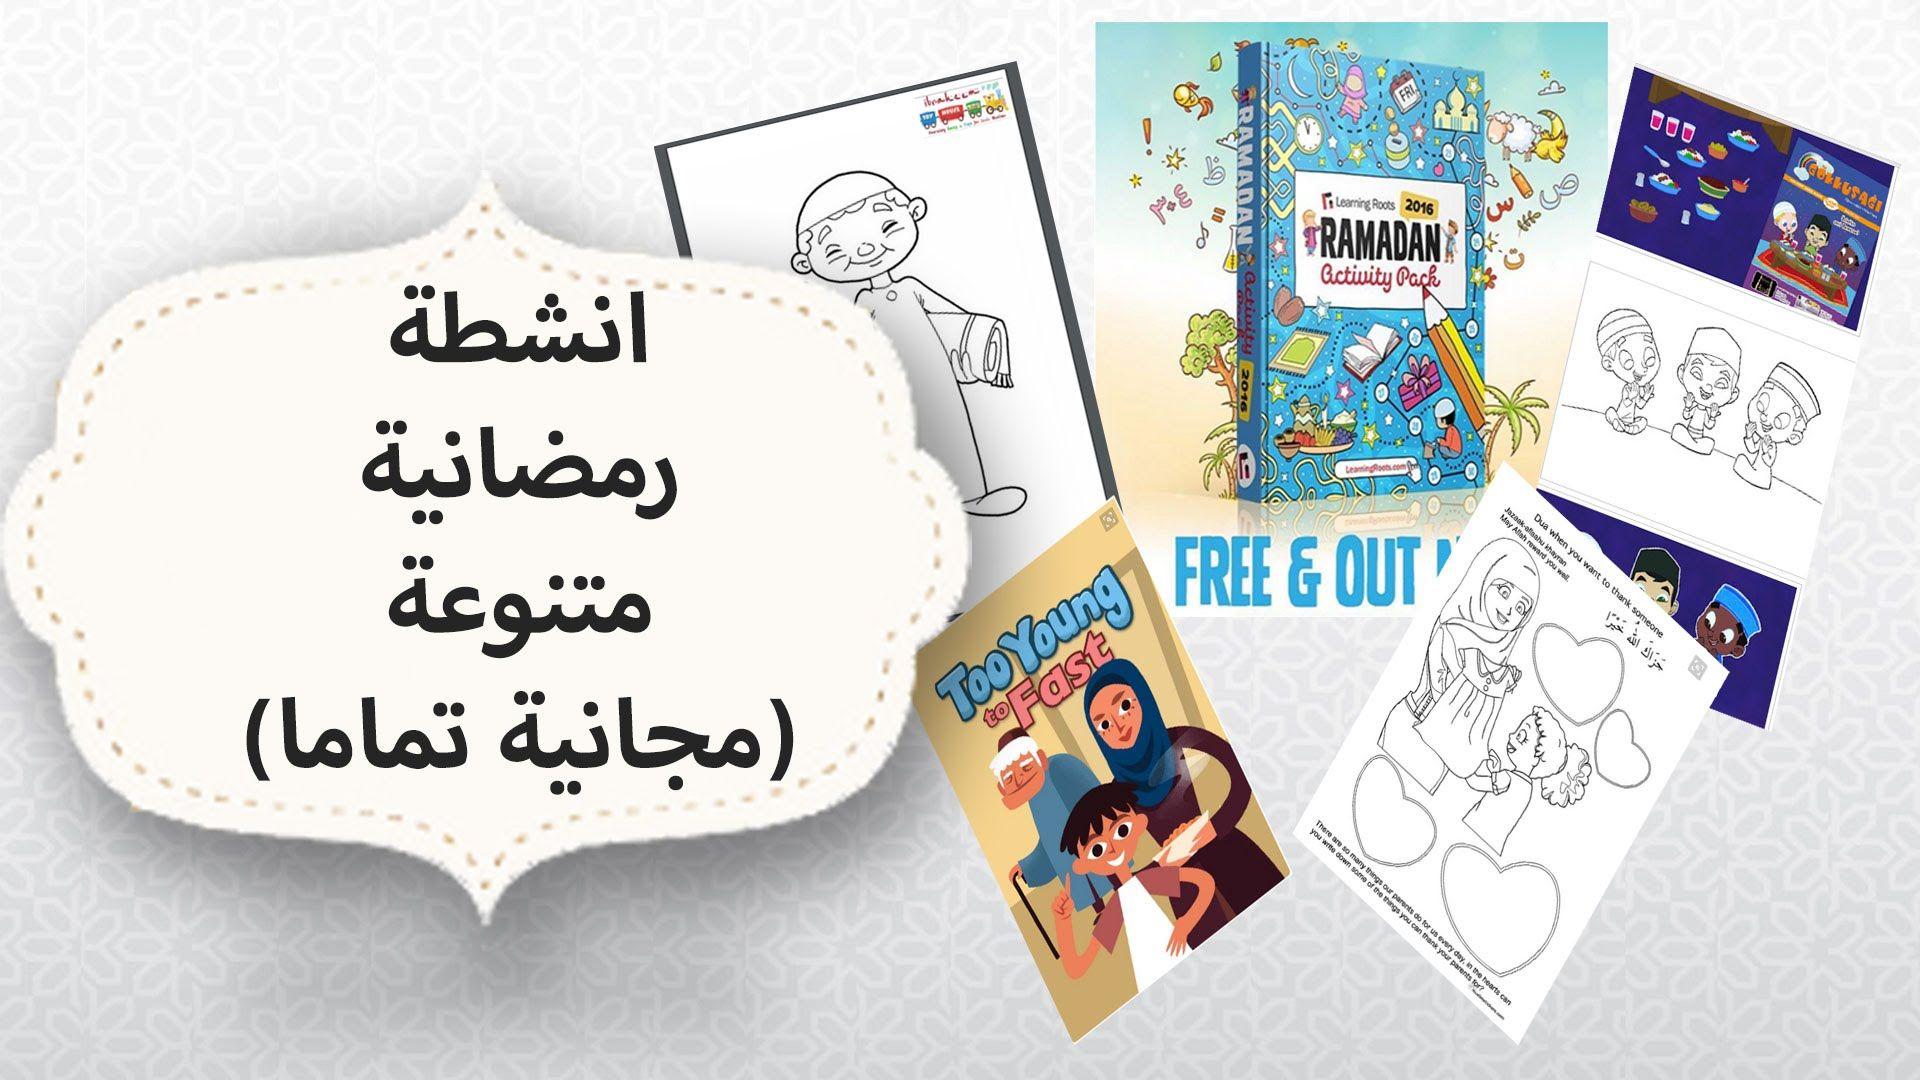 14 انشطة رمضانية متنوعة و مجانية تماما Free Ramadan Activities For Kids Ramadan Free